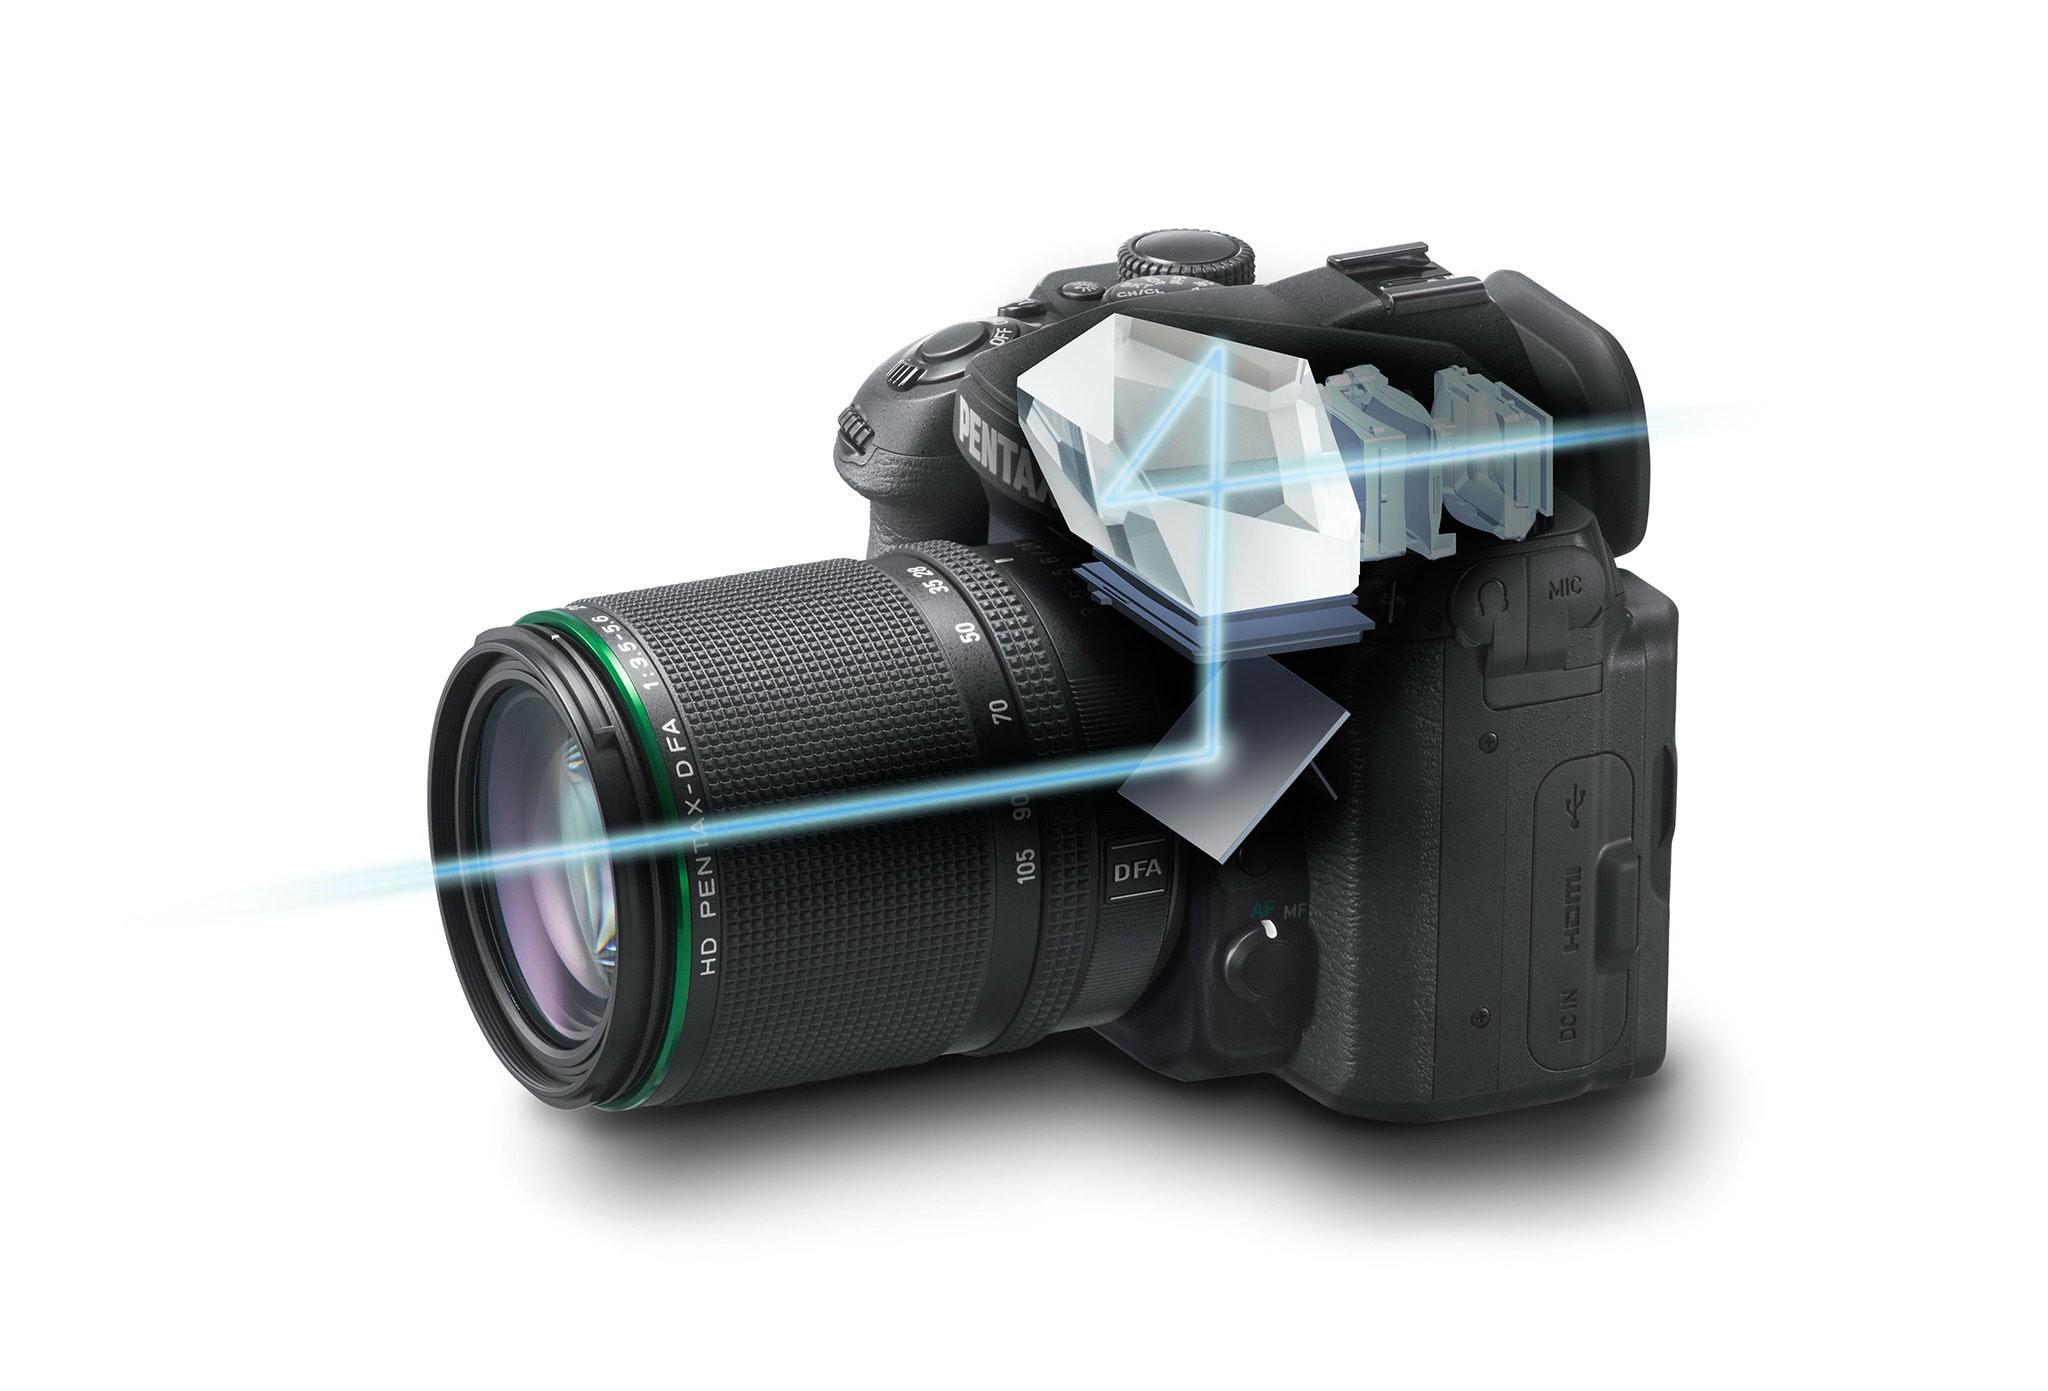 spejlreflekskamera vs systemkamera